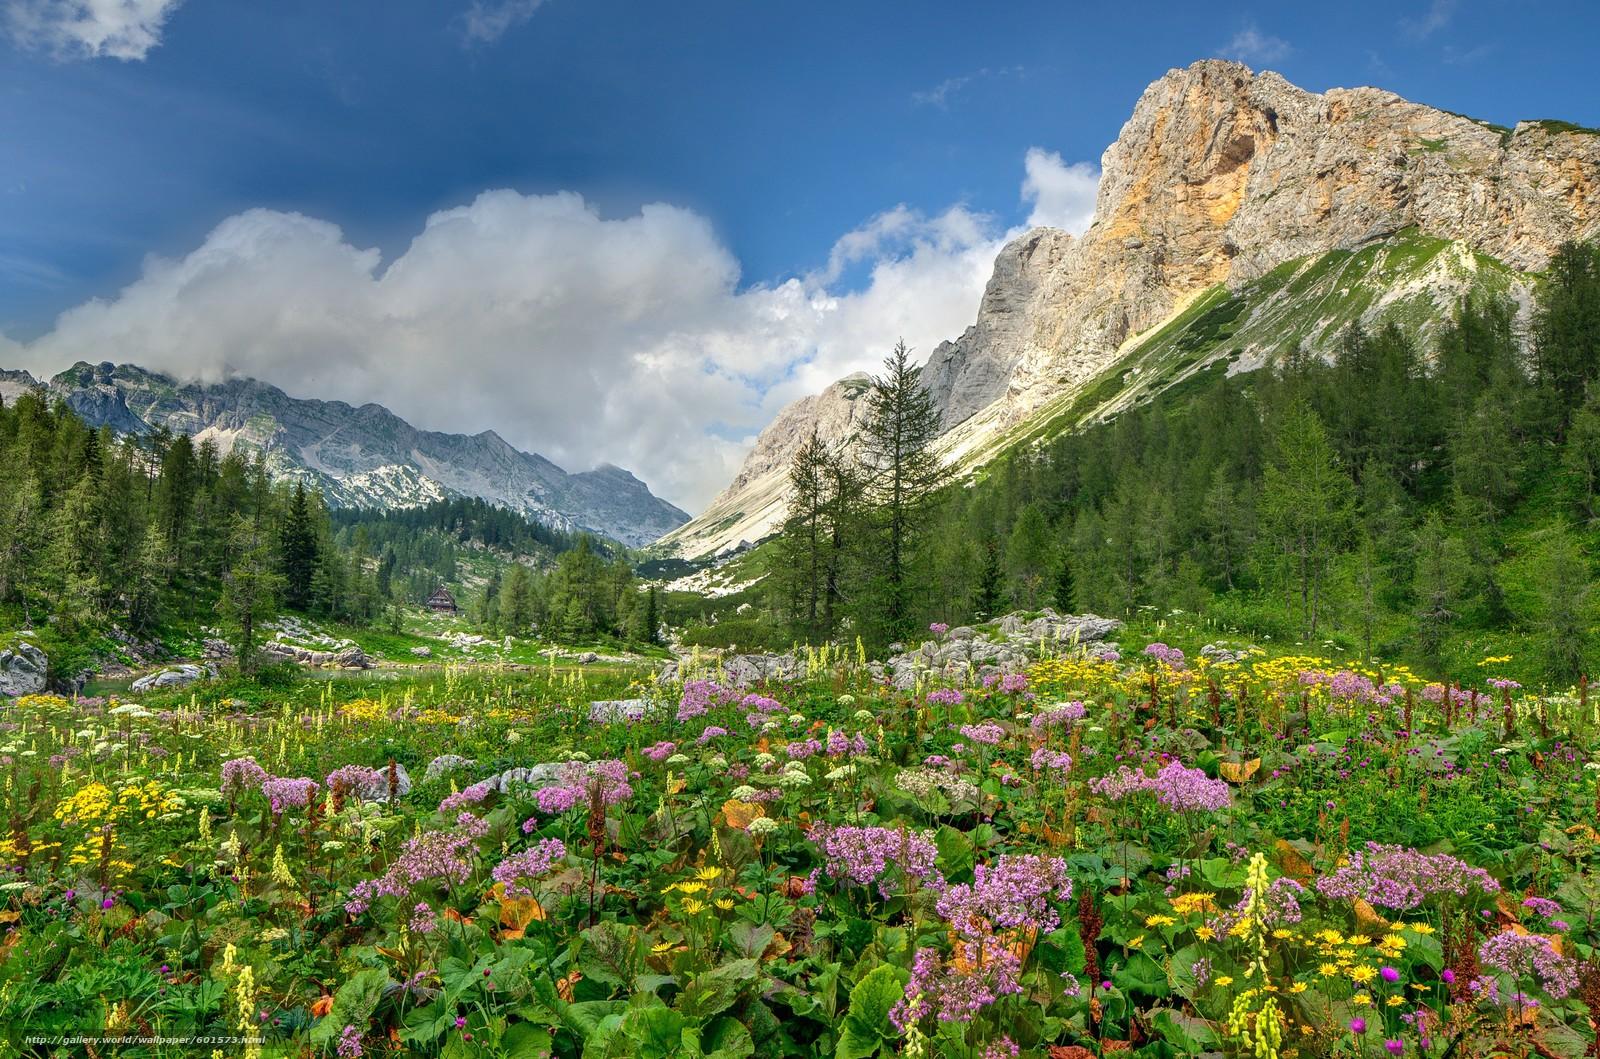 Tlcharger fond d 39 ecran fleurs prairies de montagne alpes montagnes fonds d 39 ecran gratuits - Fleurs de montagne alpes ...